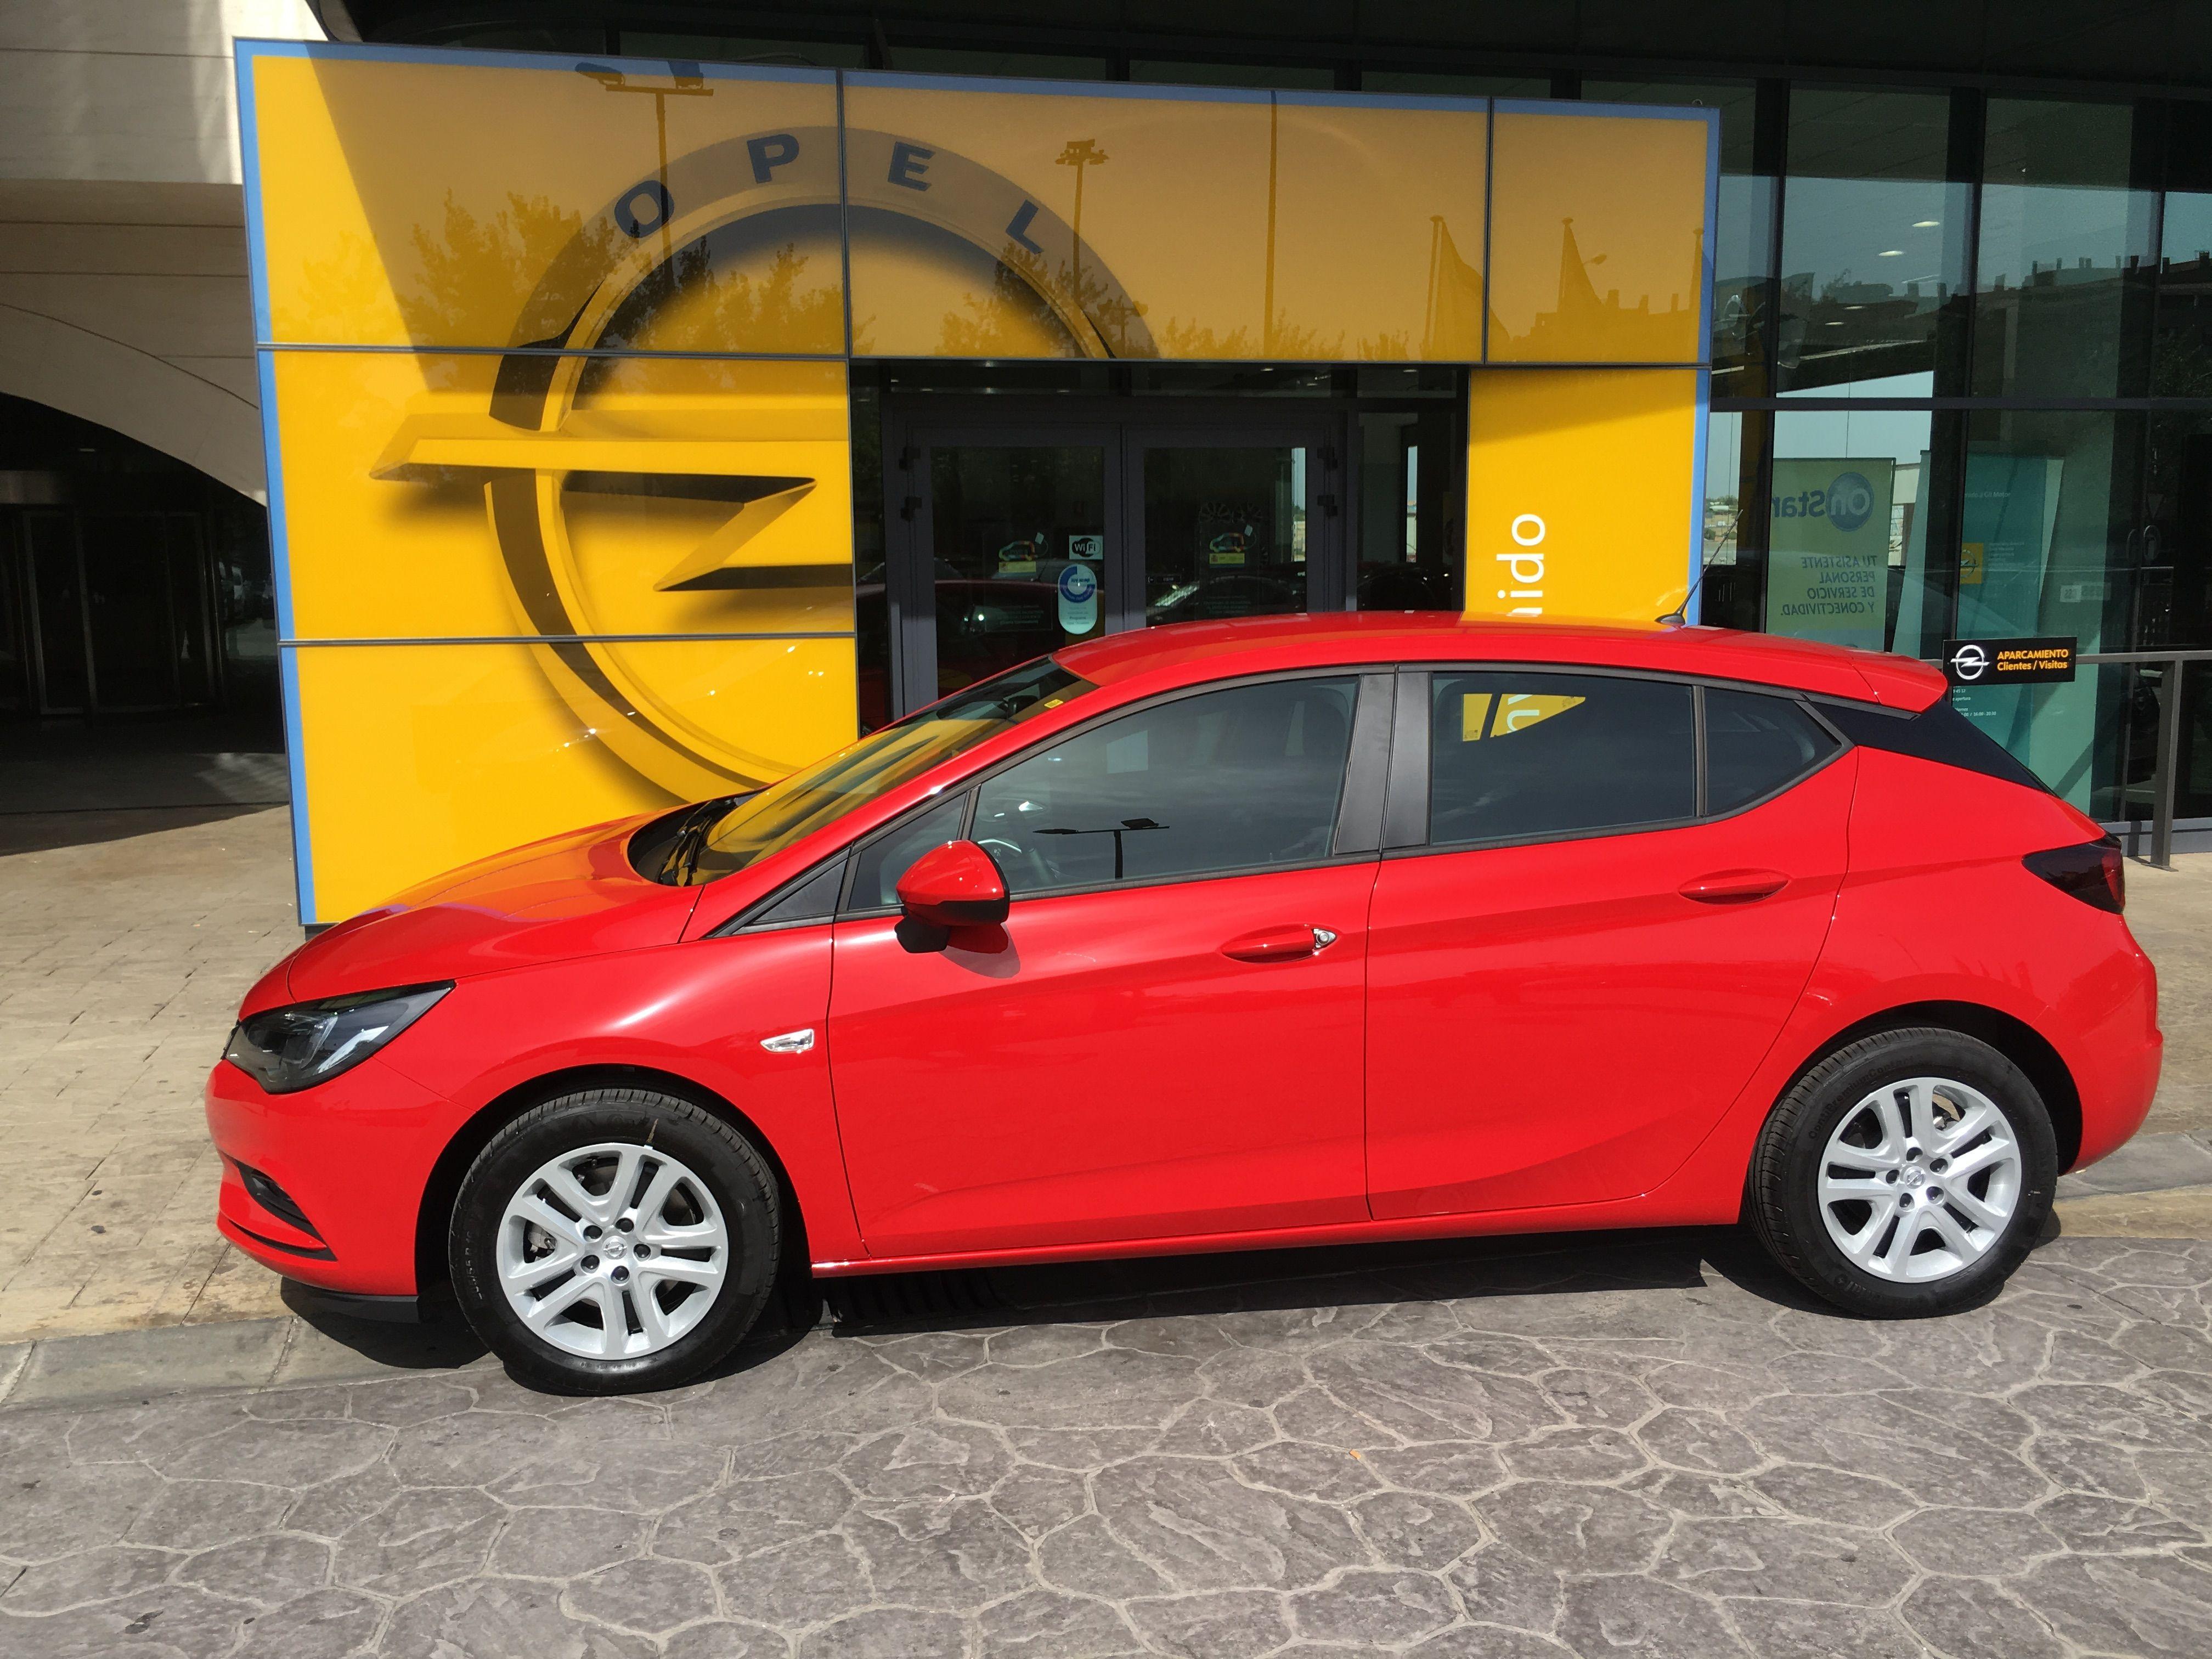 OFERTA LIMITADA /14.600€/ ASTRA SELECTIVE 1.4T 125 CV gasolina 5 puertas